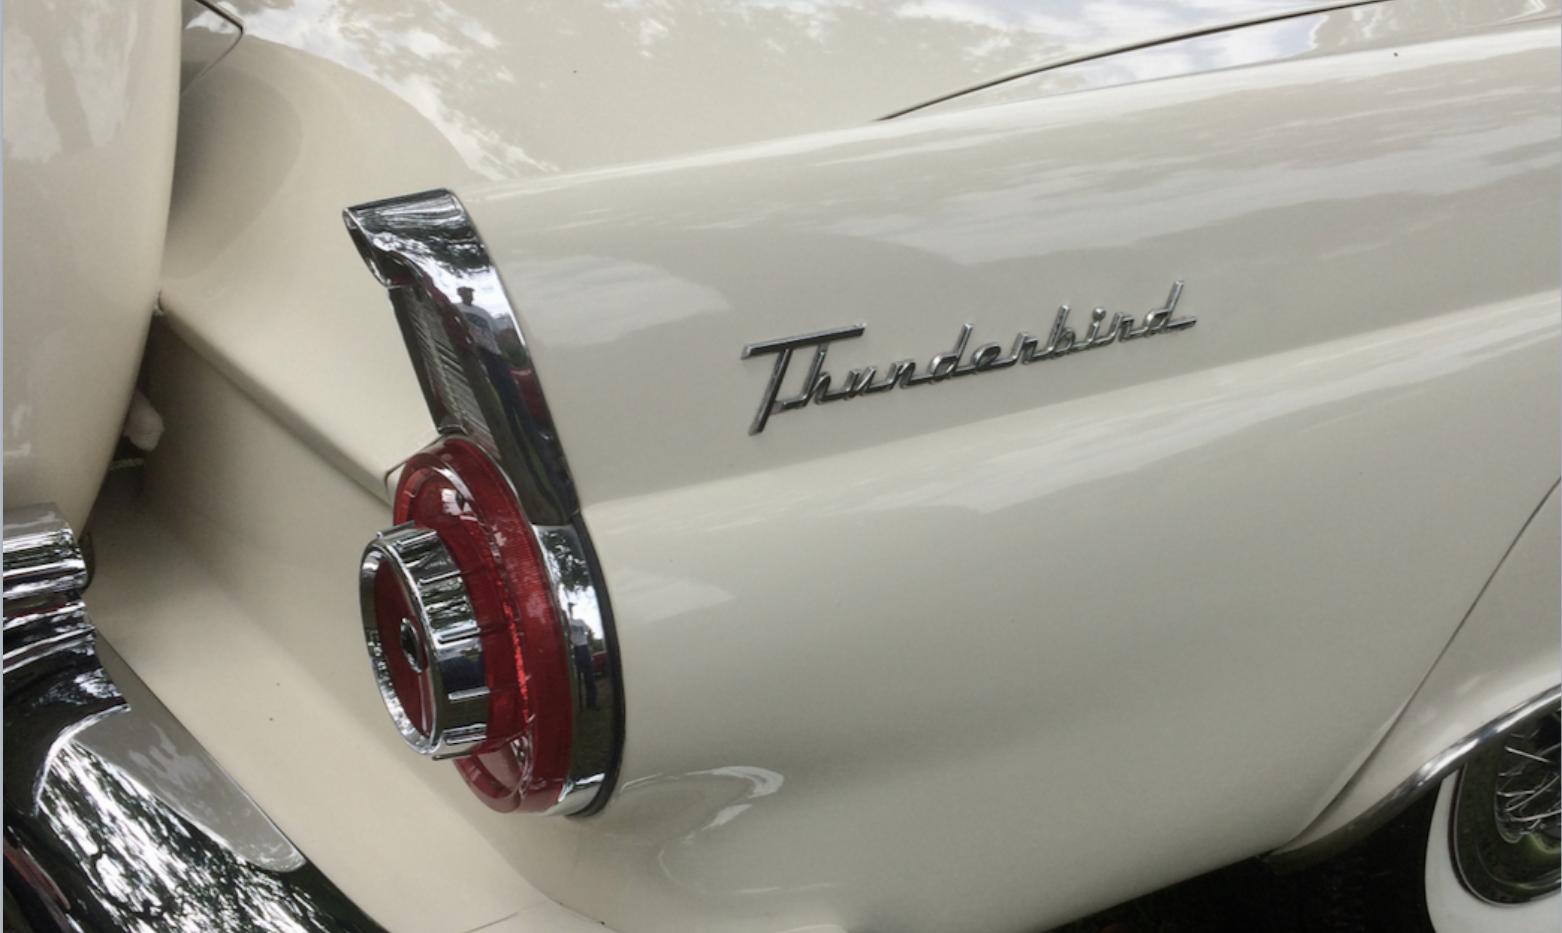 White Thunderbird